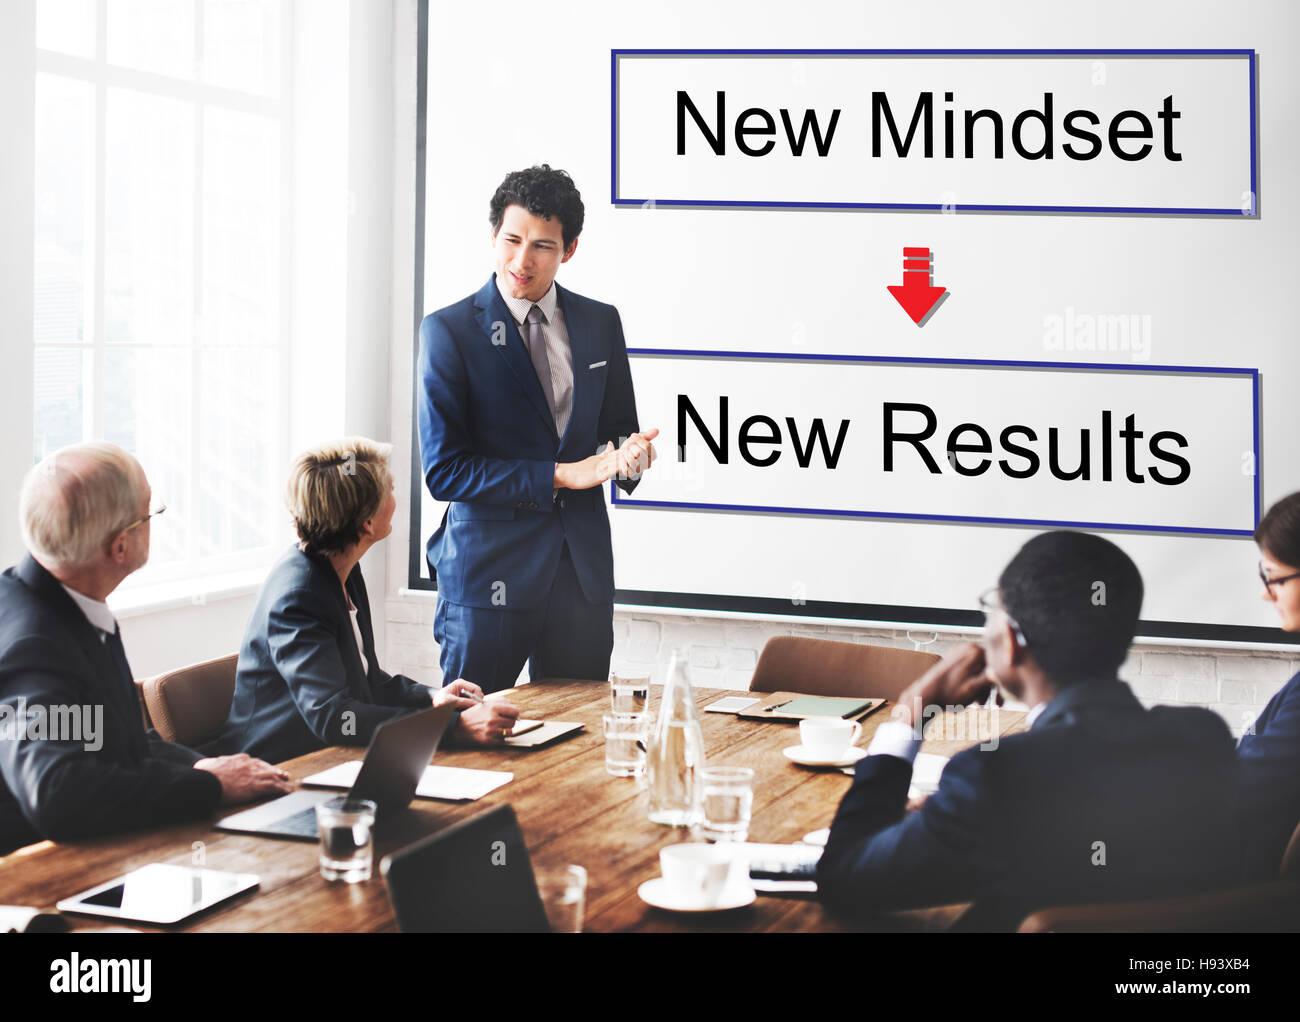 Mindset Opposite Positivity Negativity Thinking Concept - Stock Image